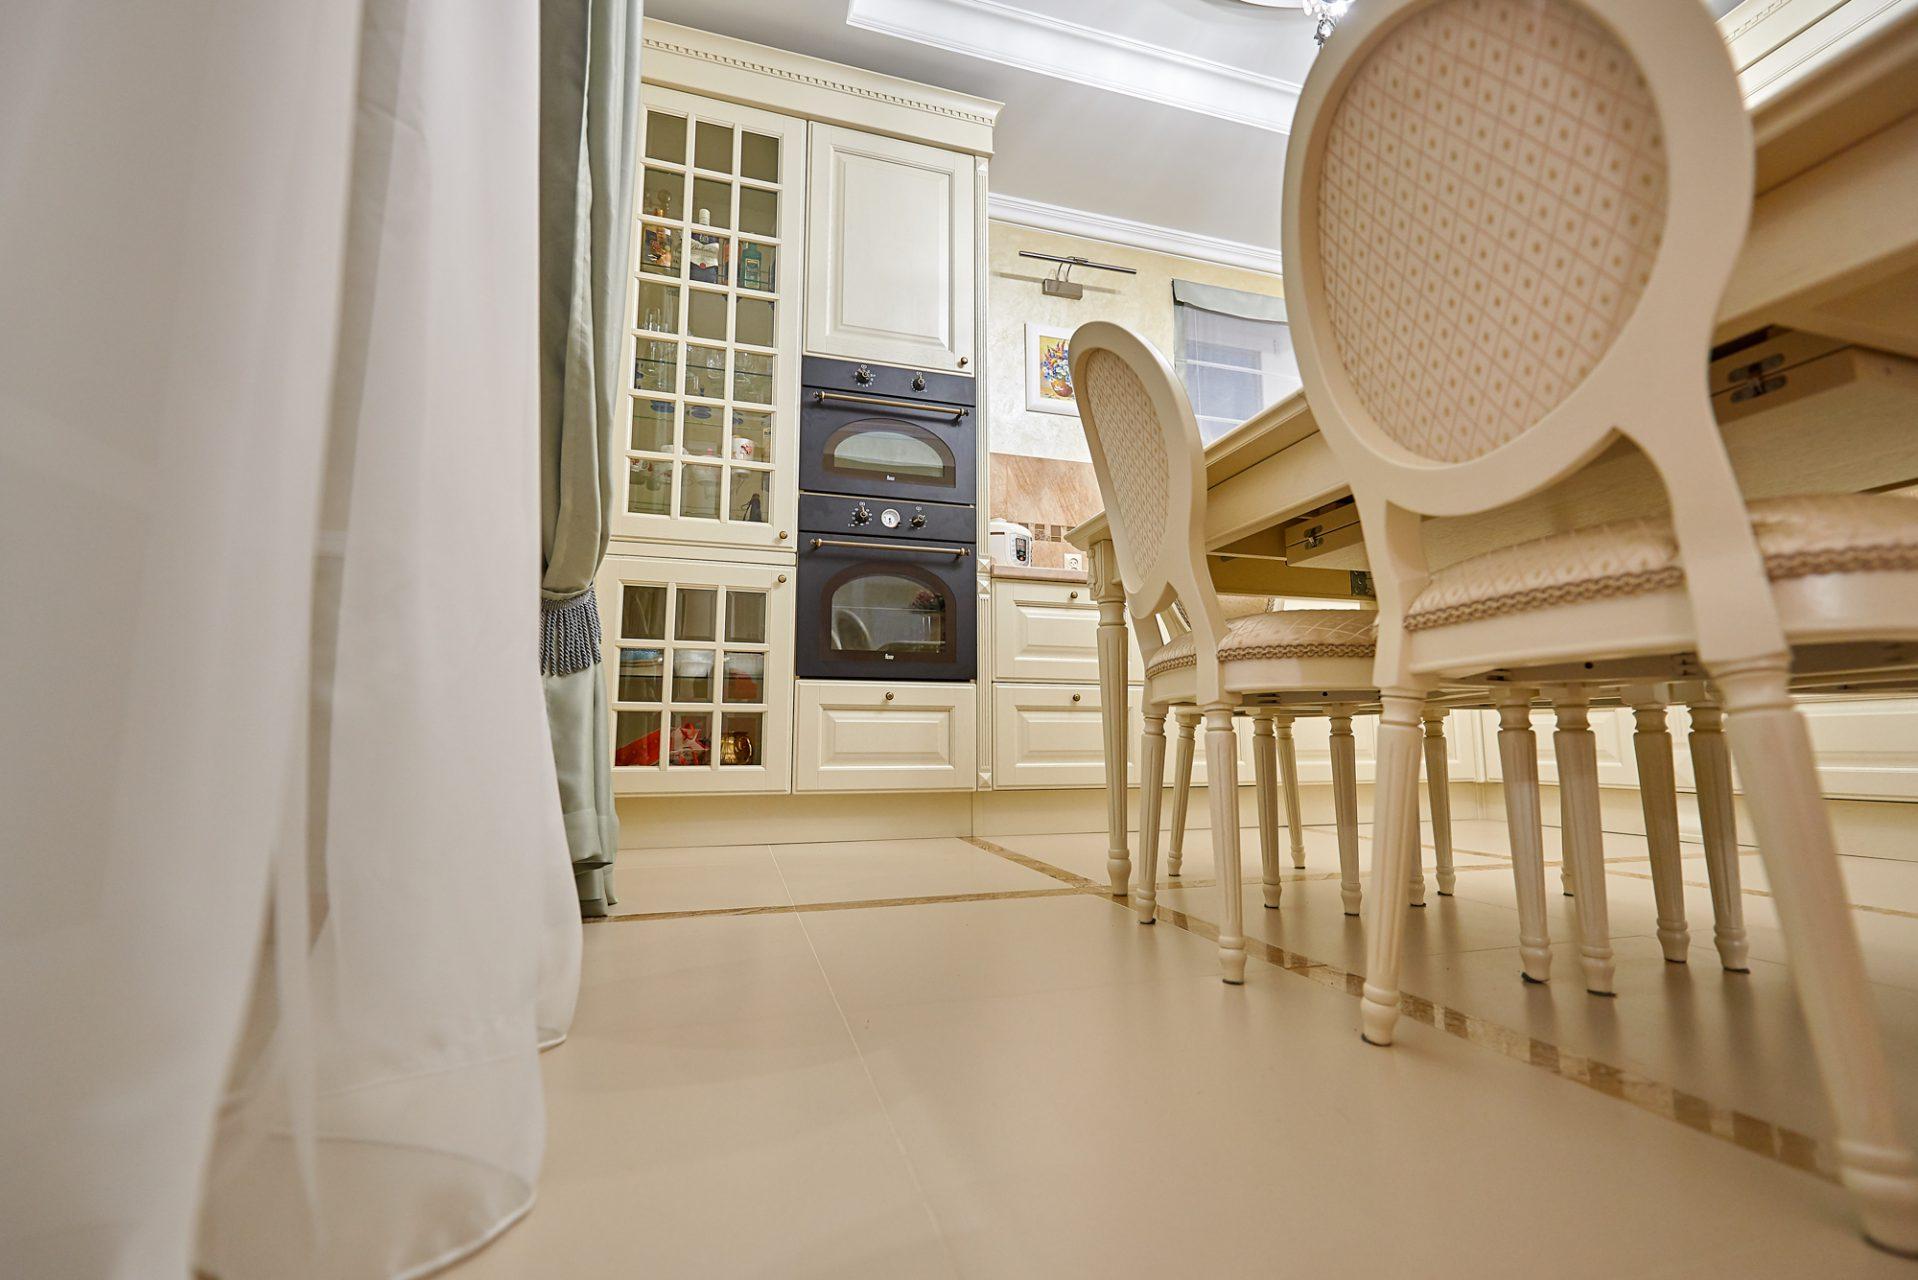 012_interior_kitchen3_korneychikeu